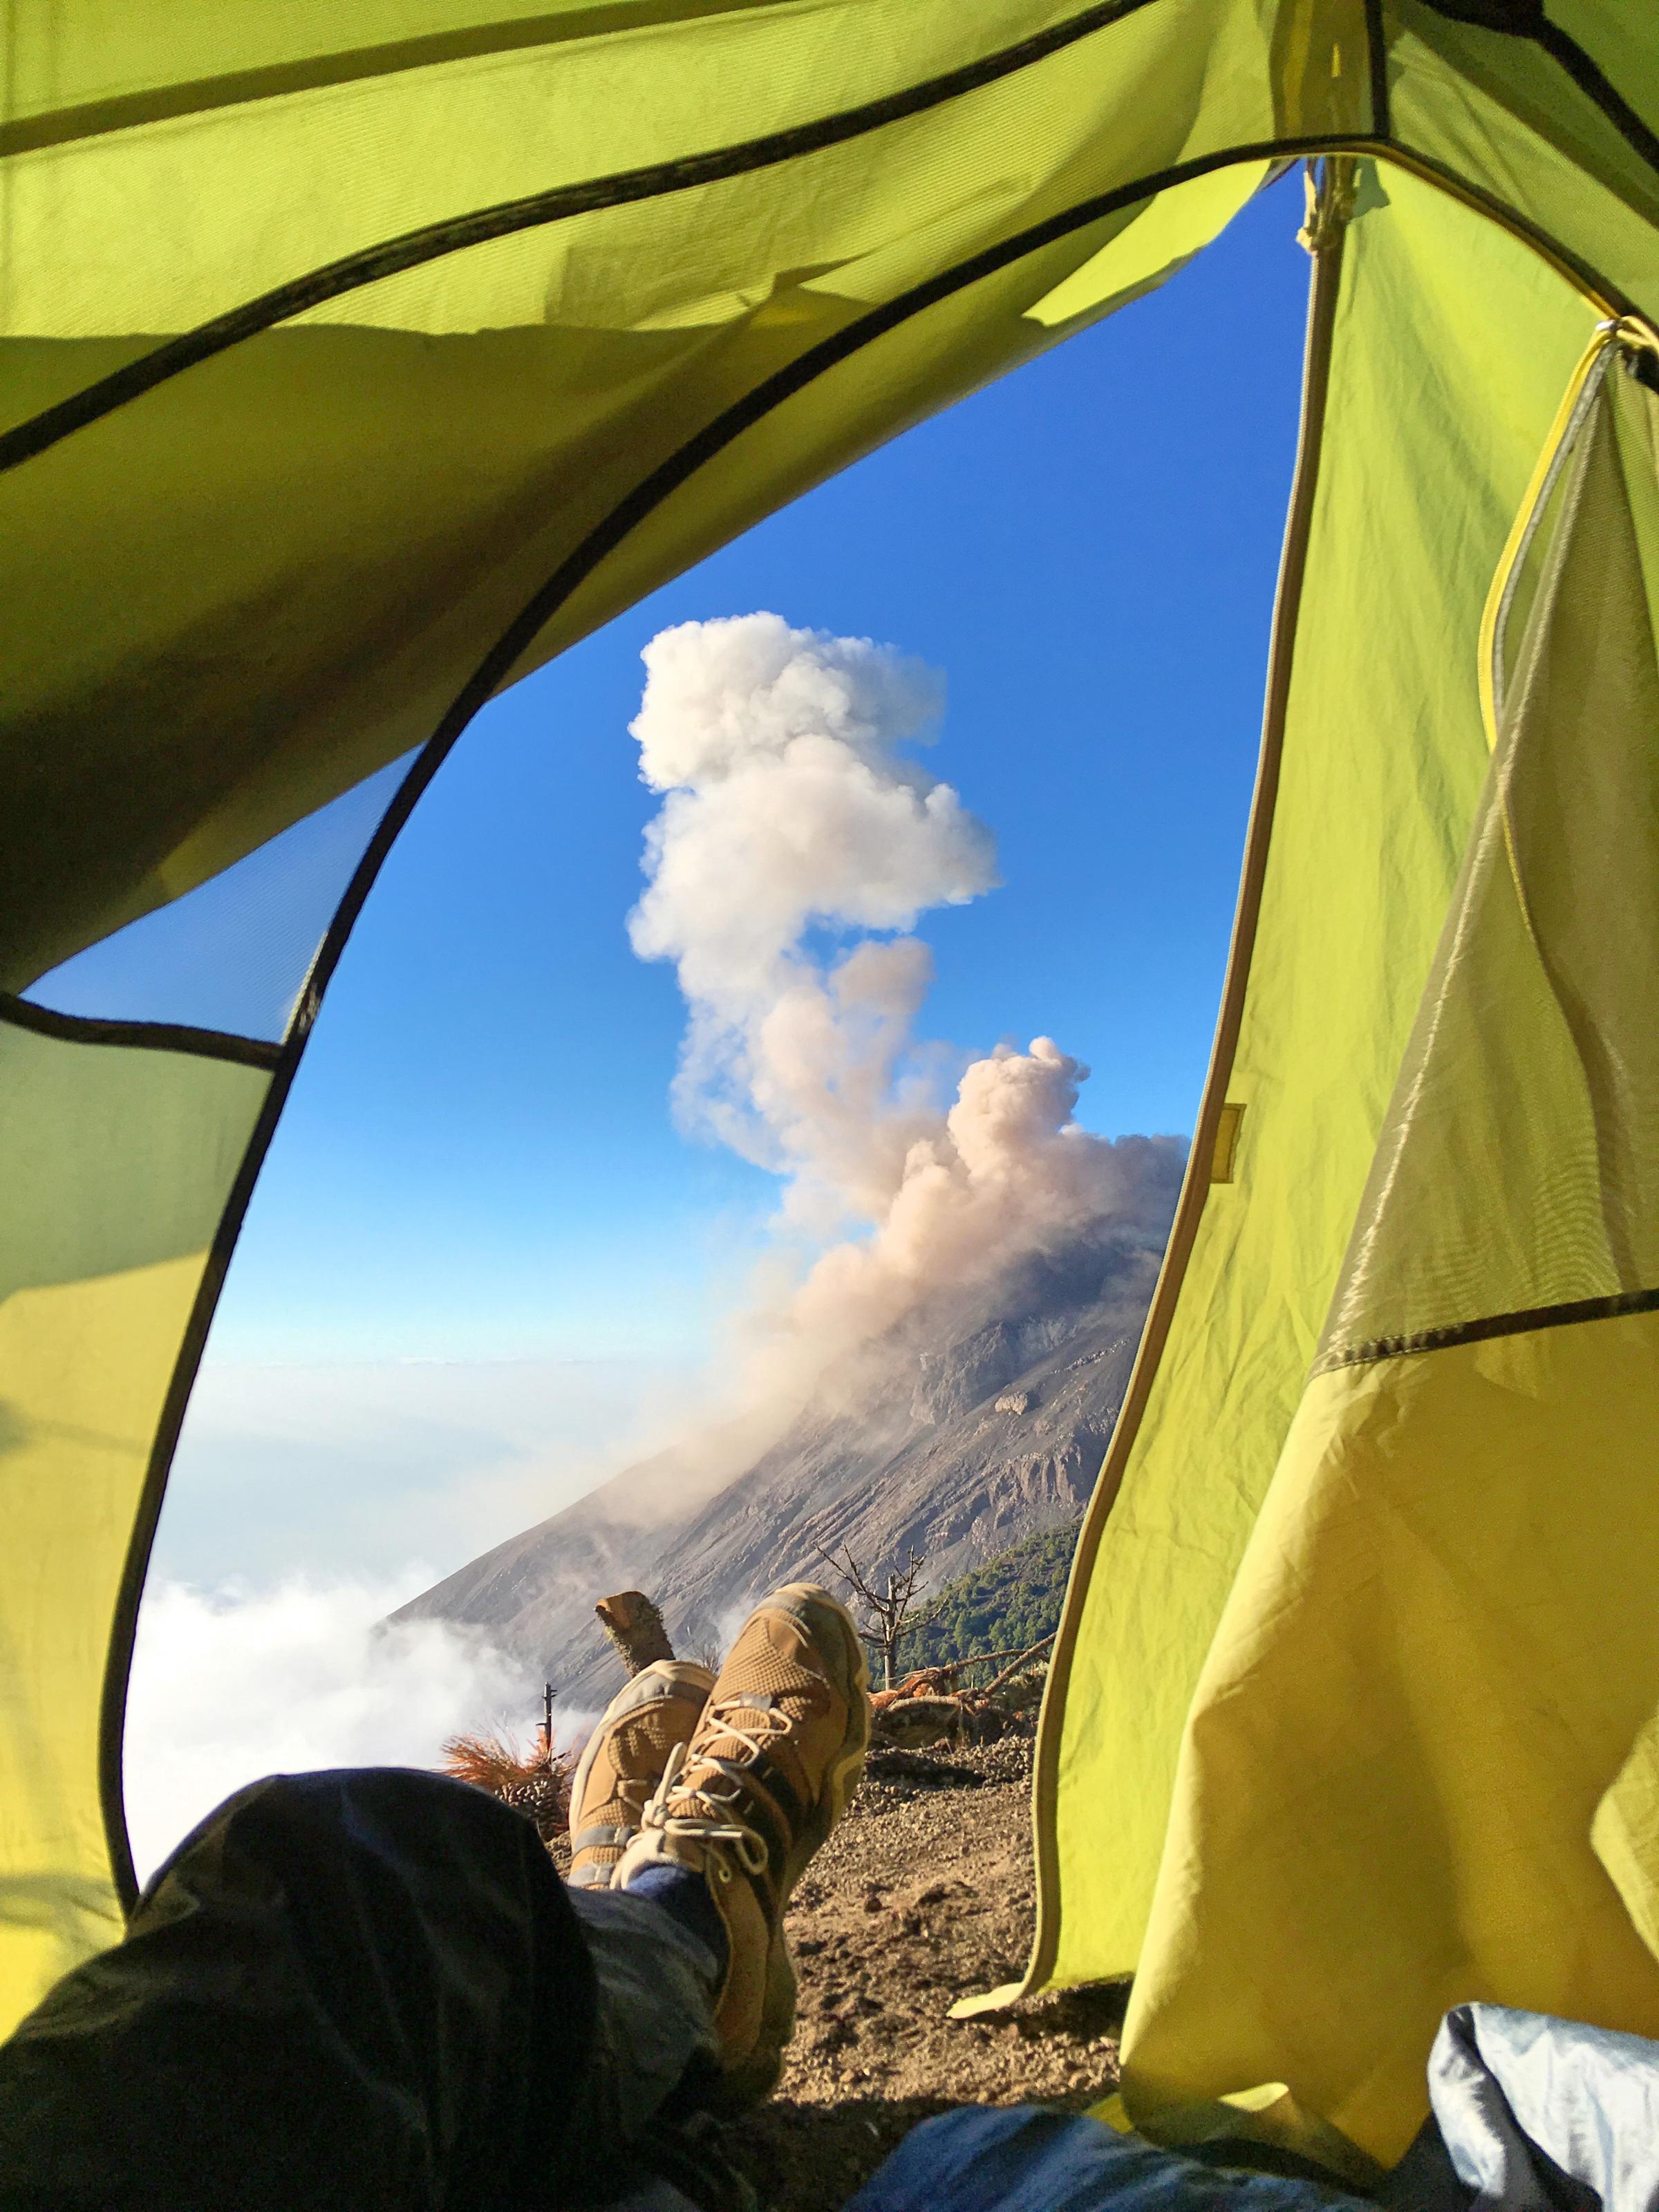 Acatenango Vulkanwanderung: Blick auf unserem Zelt.